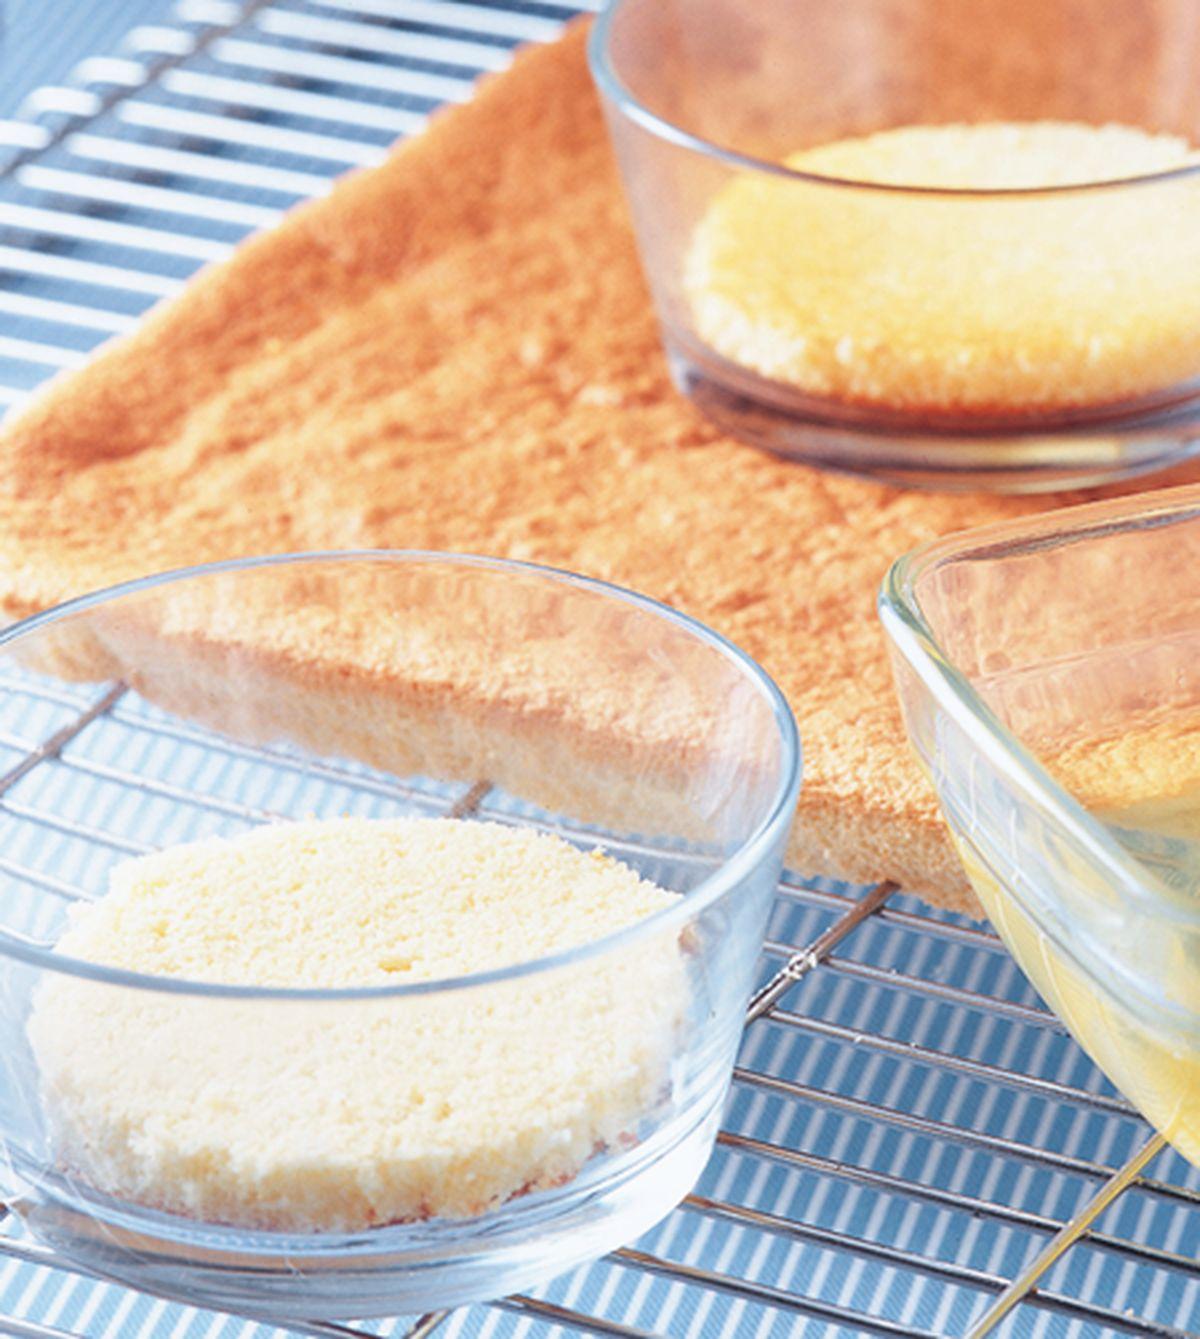 食譜:傑諾瓦士蛋糕